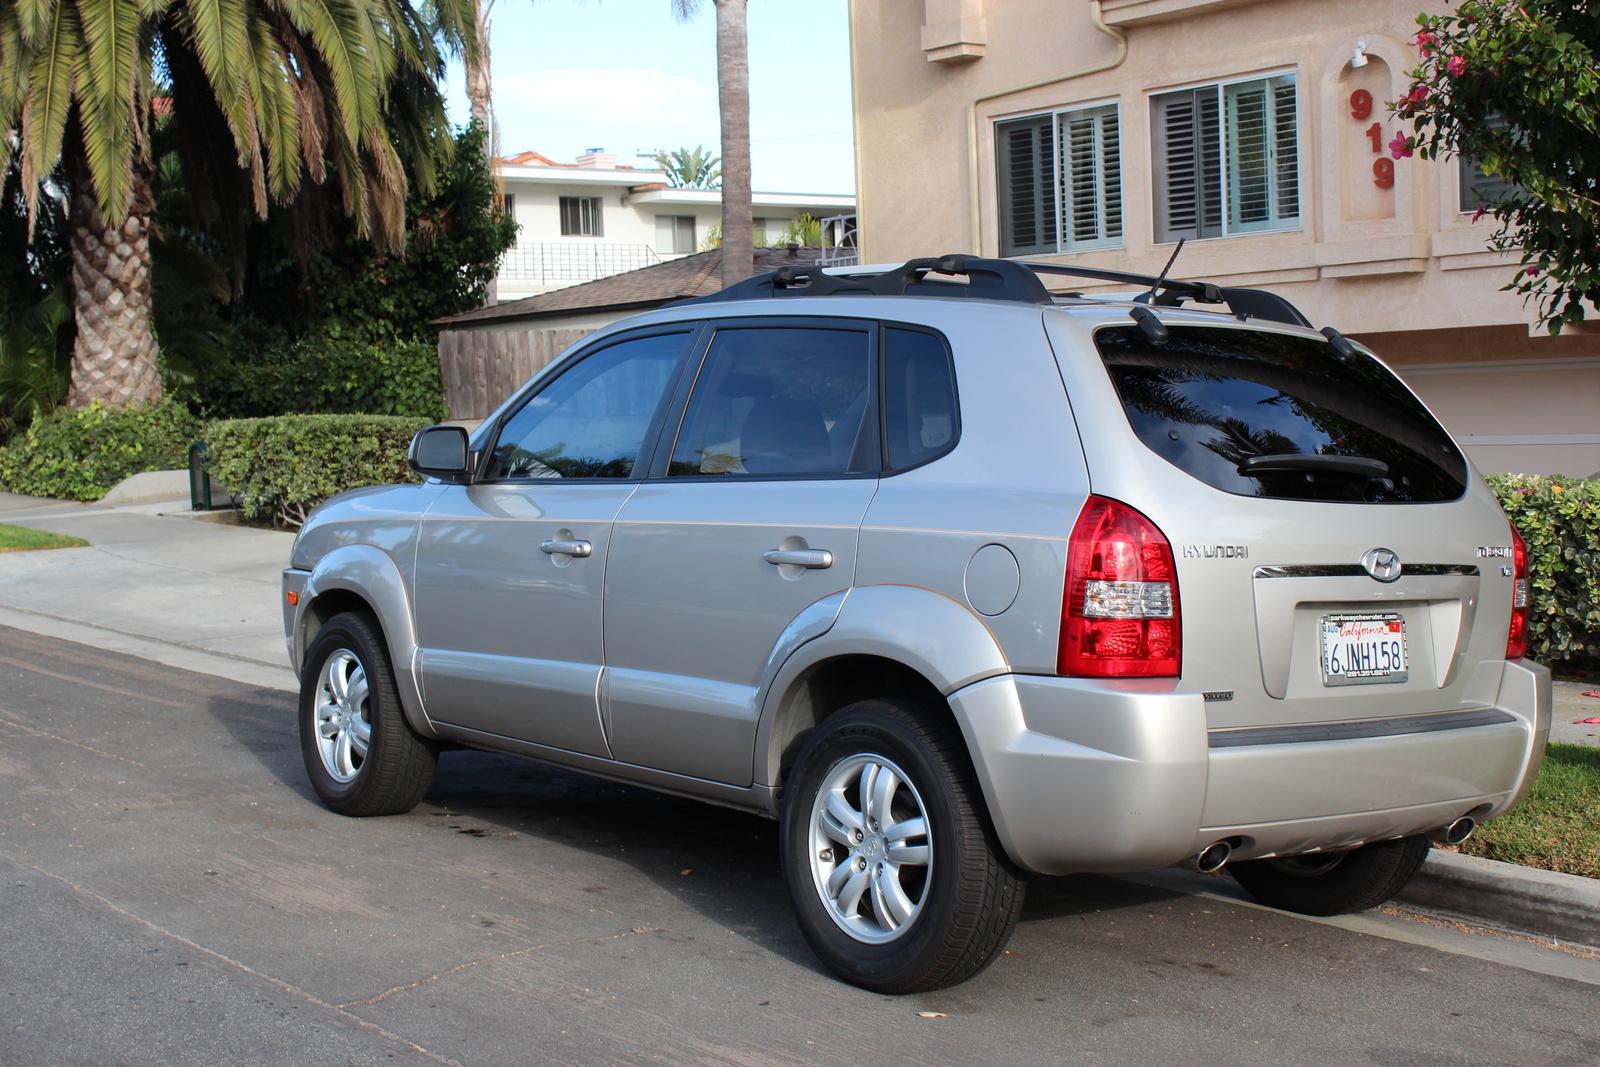 2006 Hyundai Tucson Exterior Pictures Cargurus